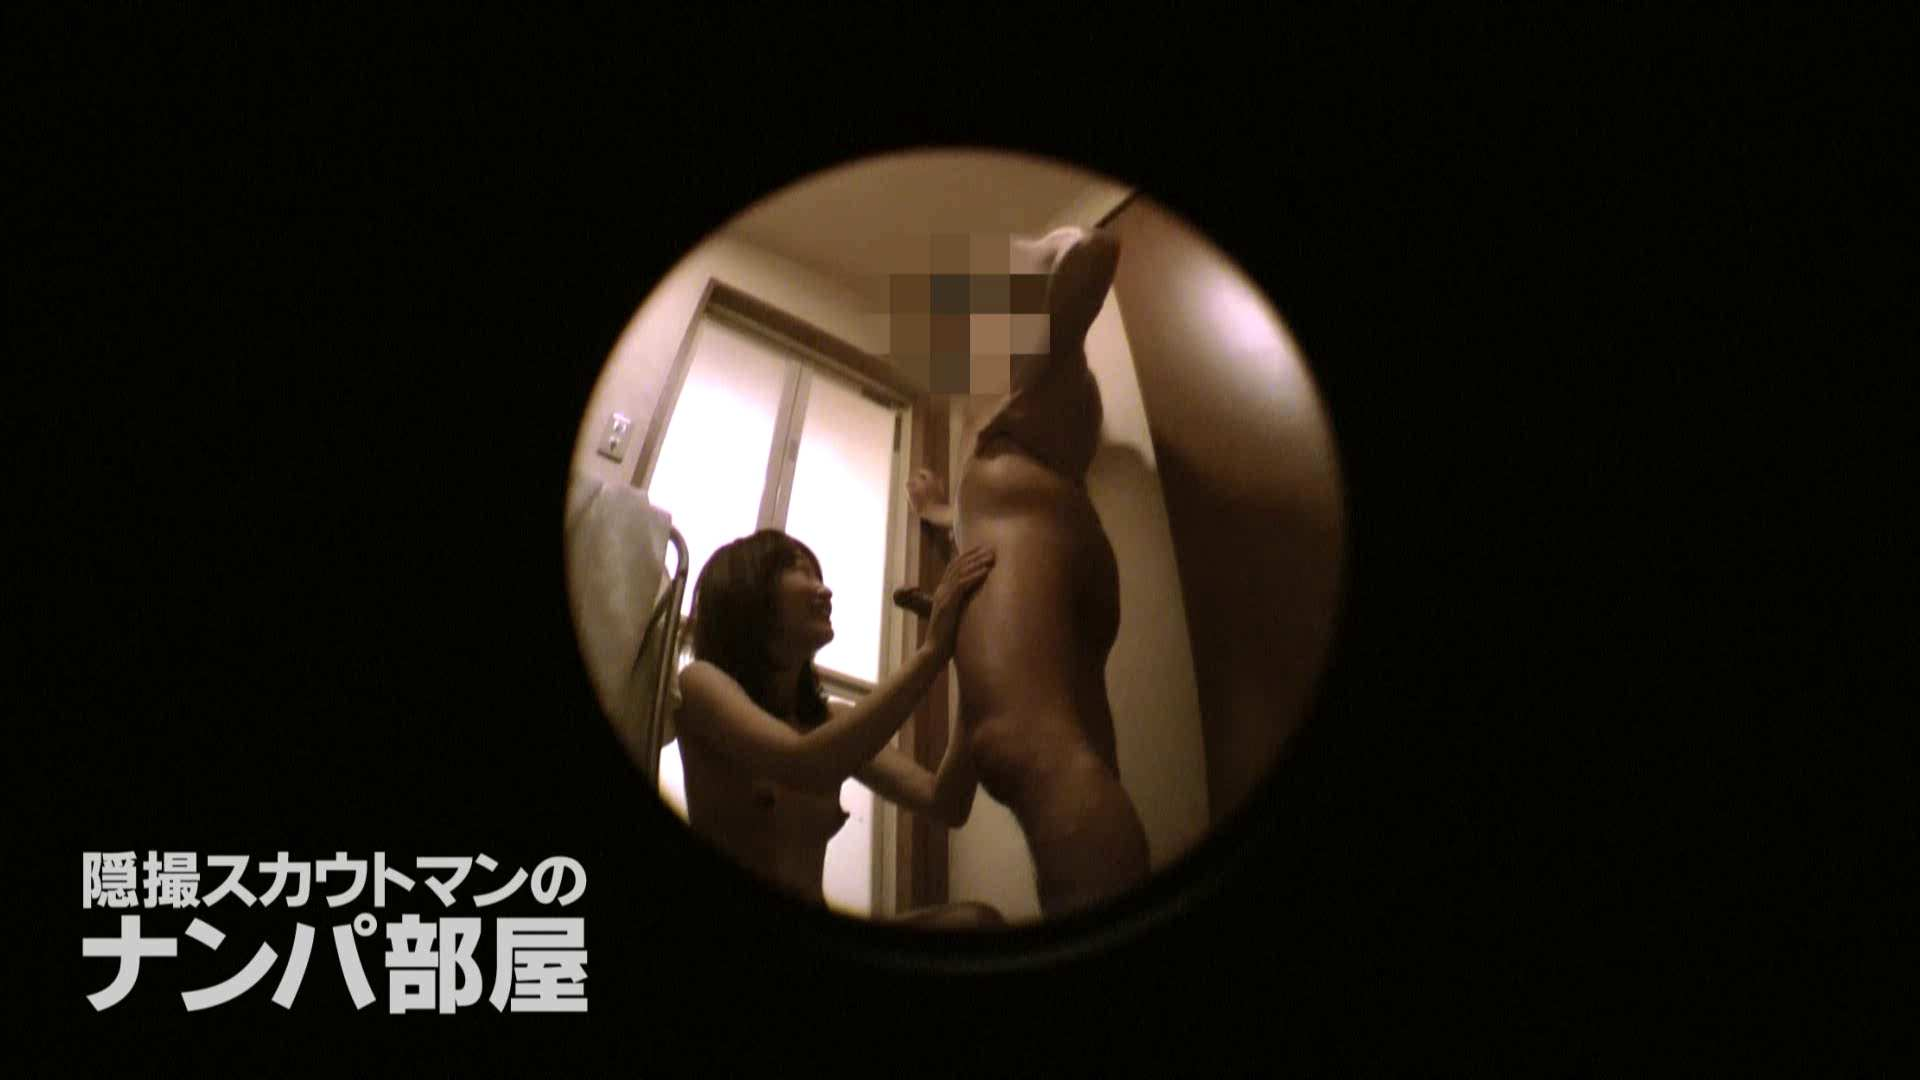 隠撮スカウトマンのナンパ部屋~風俗デビュー前のつまみ食い~ siivol.4 美女OL 盗み撮り動画キャプチャ 59連発 32